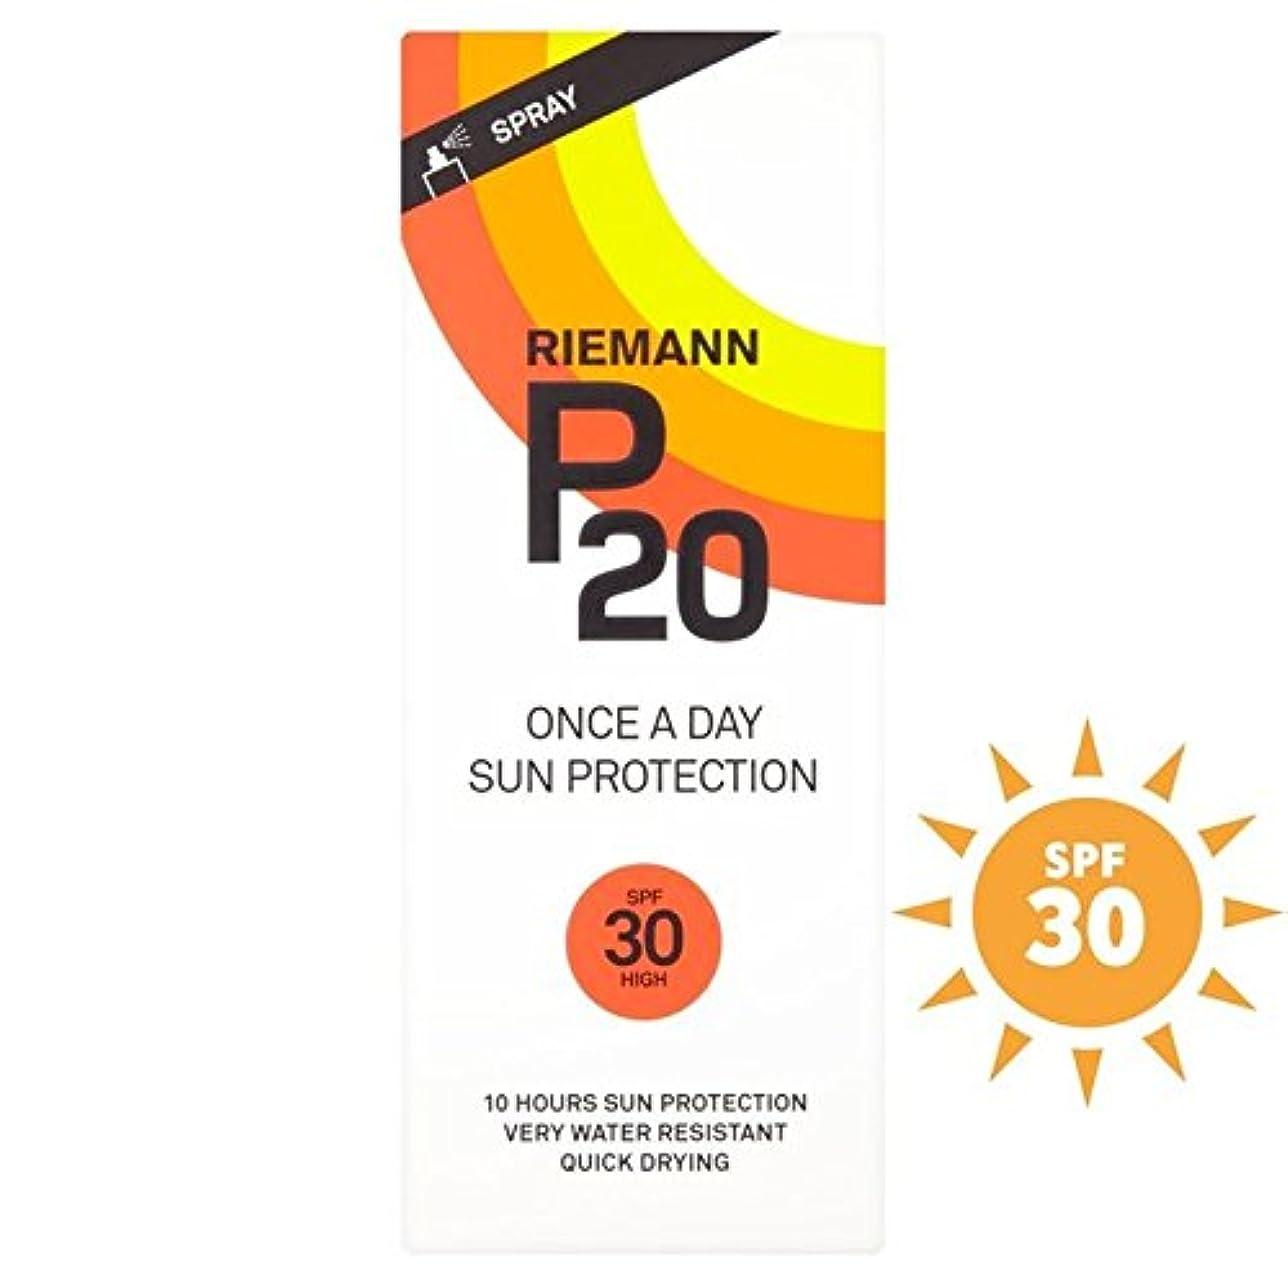 冷蔵する泥沼としてリーマン20 30 1日/ 10時間の保護200ミリリットル x2 - Riemann P20 SPF30 1 Day/10 Hour Protection 200ml (Pack of 2) [並行輸入品]